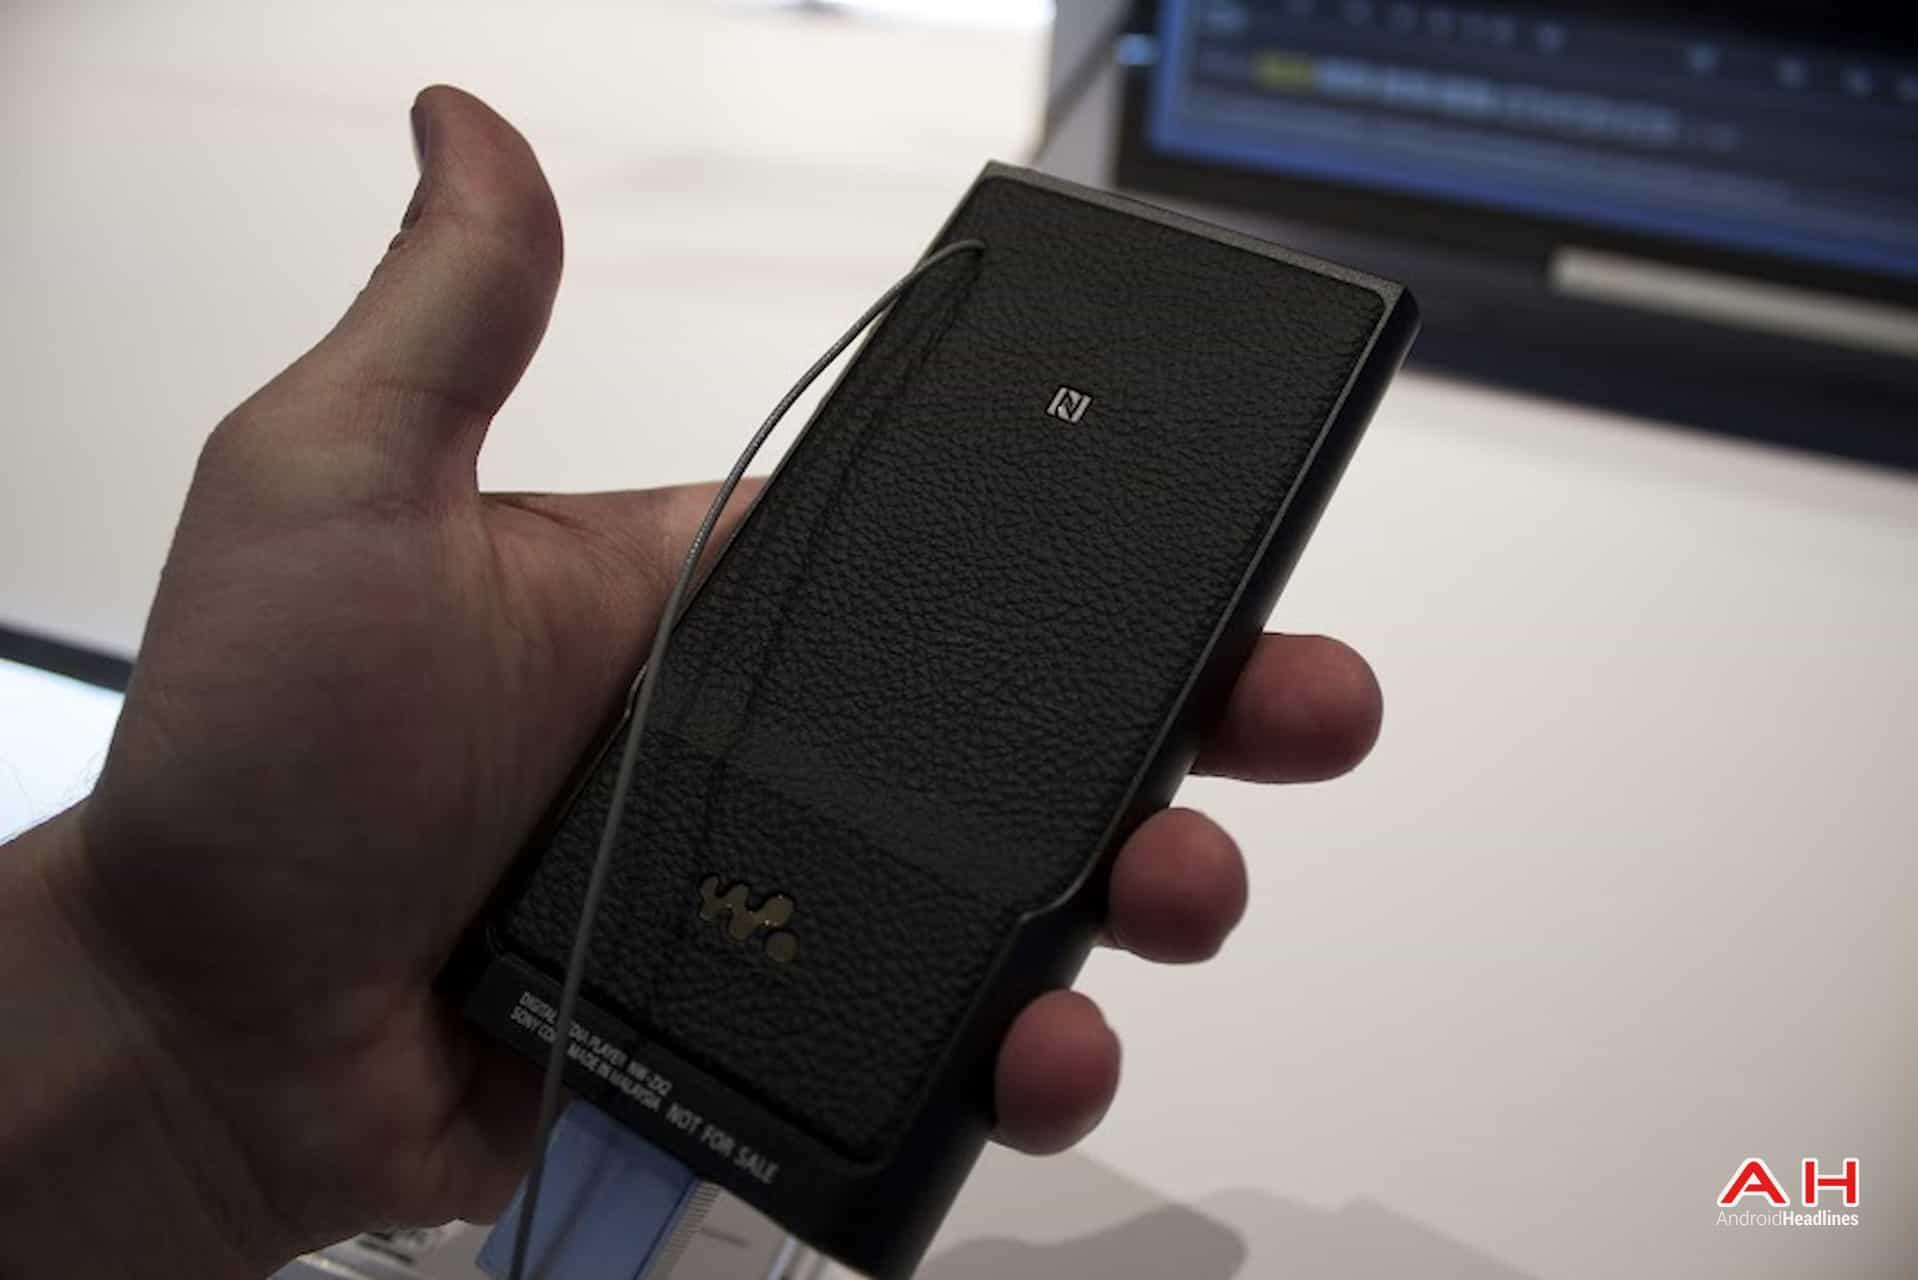 AH Sony Walkman ZX2 3